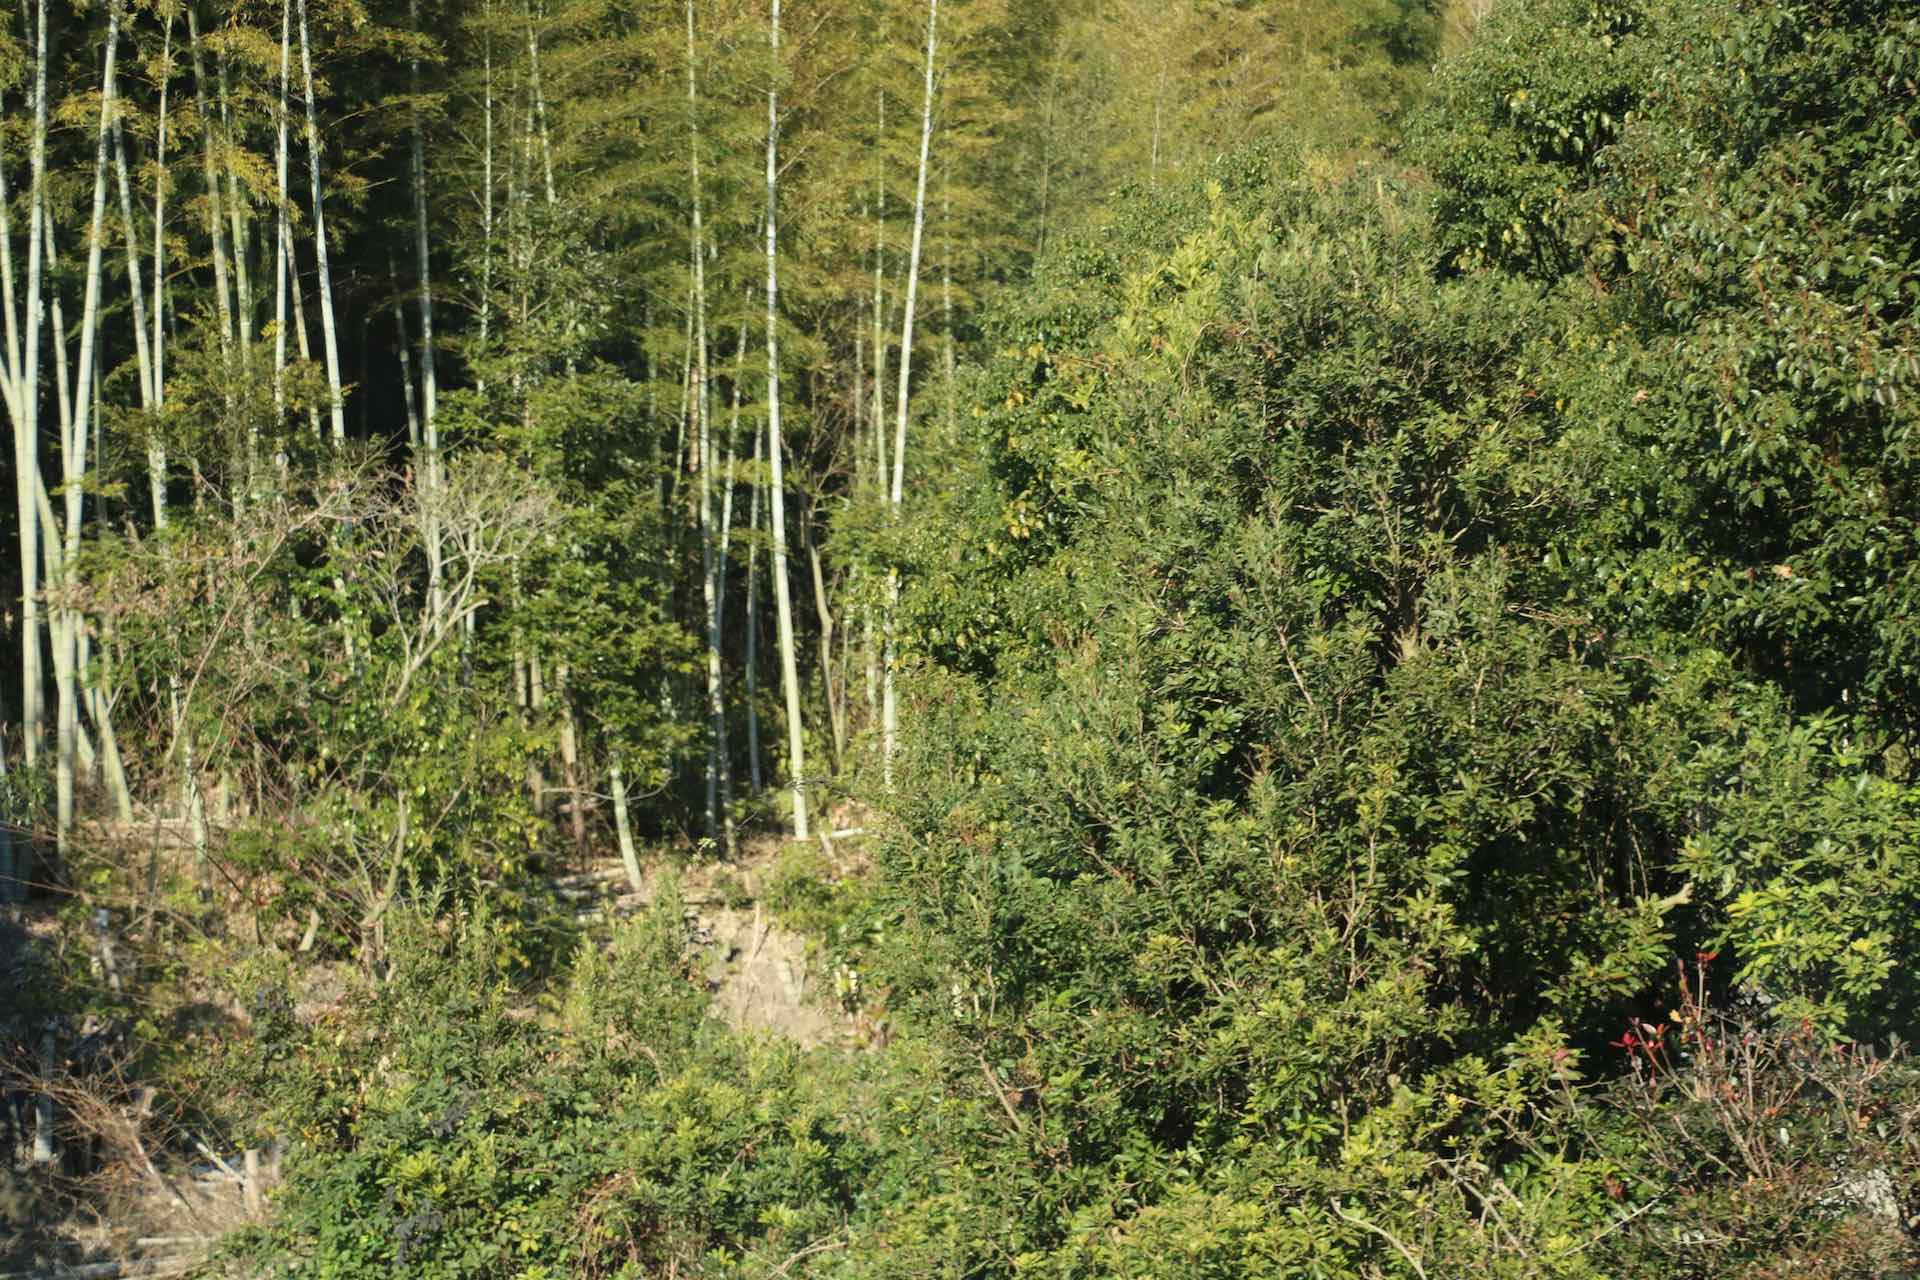 目が慣れてくると、生えているのが竹であるのが段々わかってきます